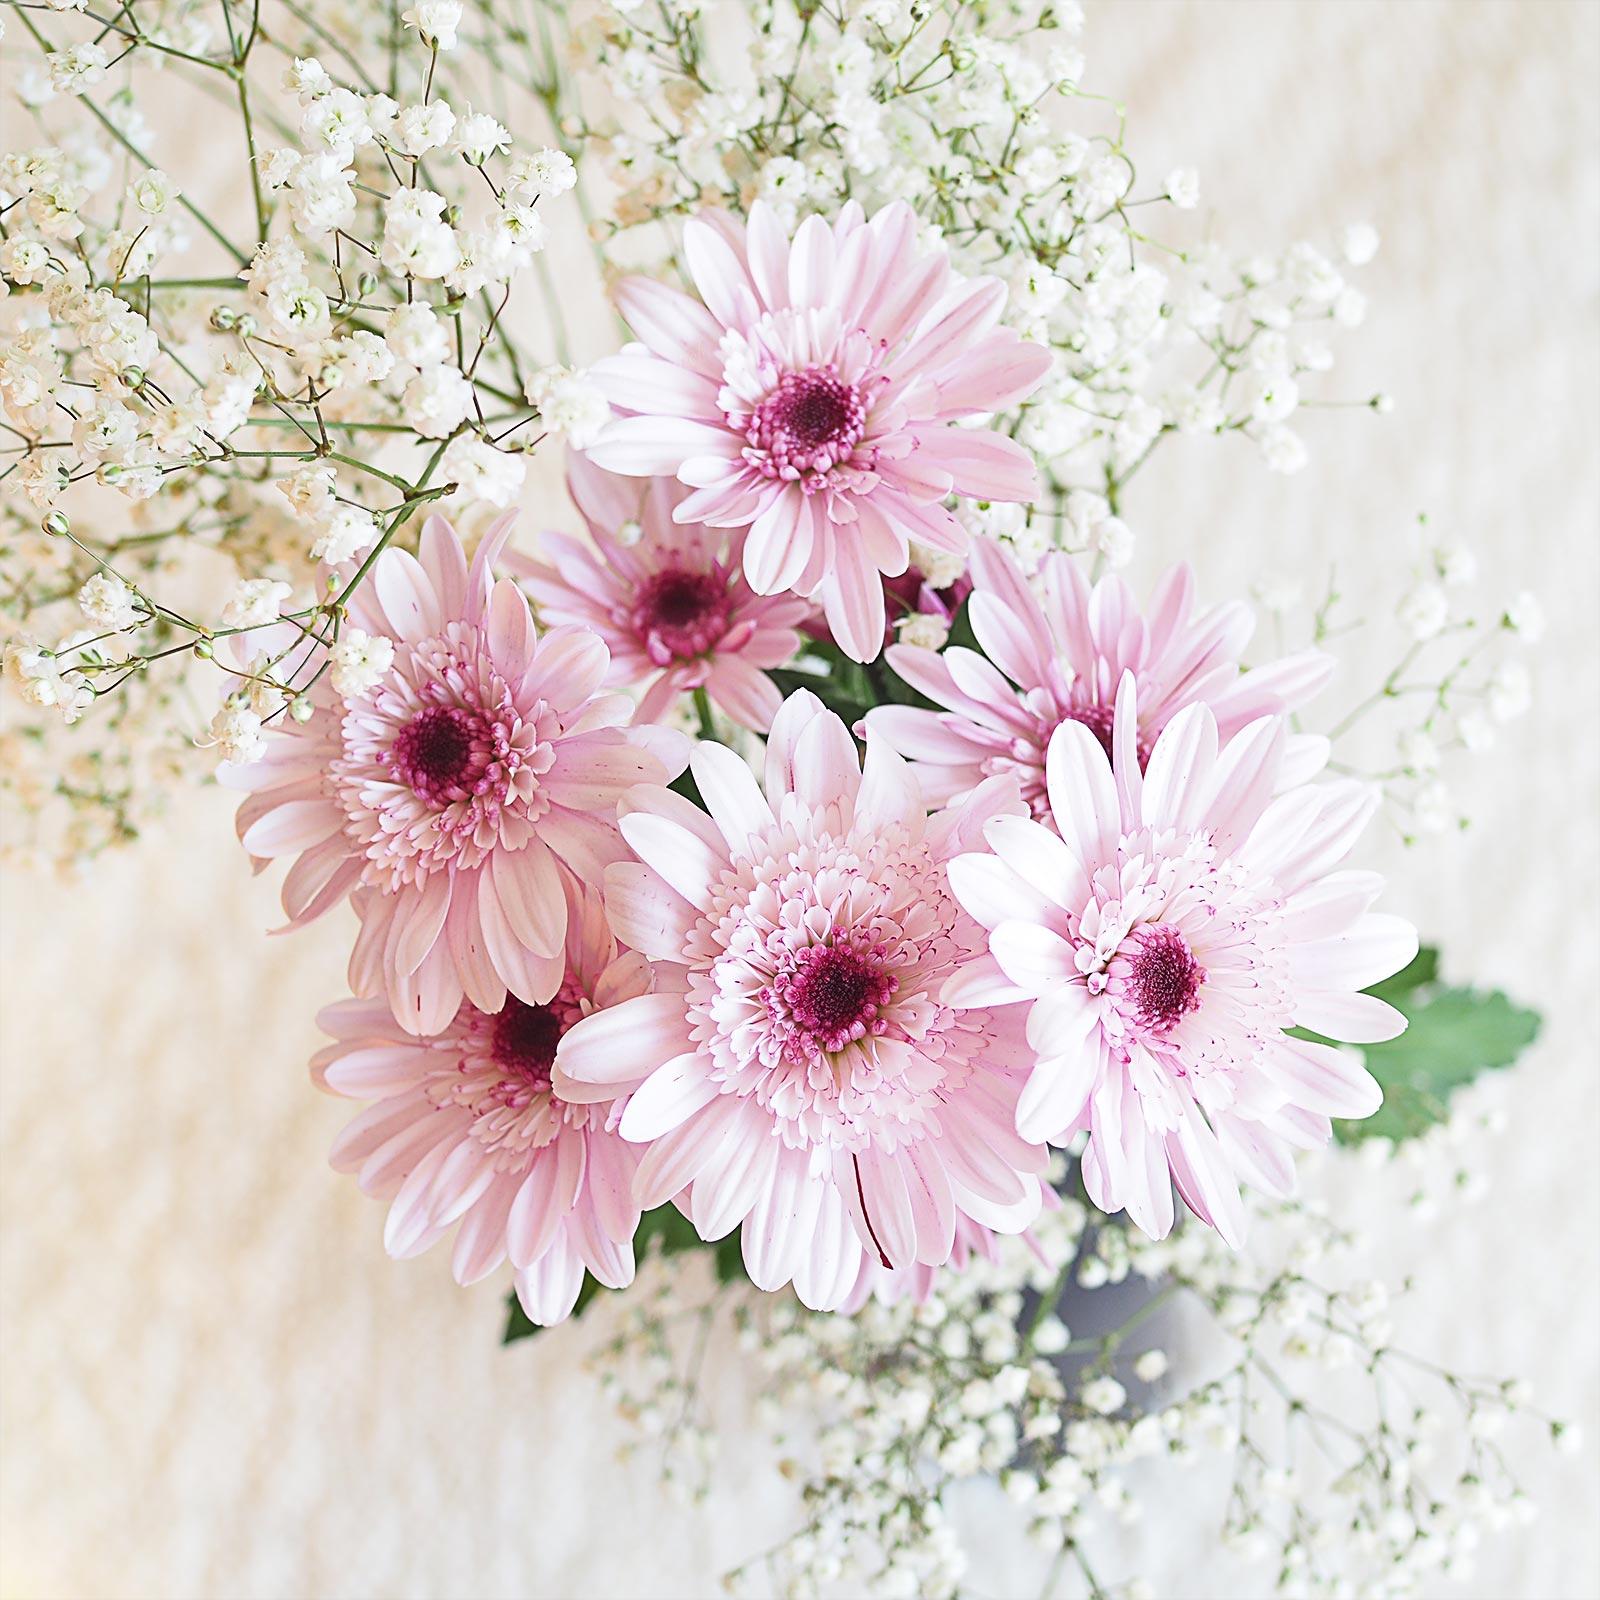 bouquet-fleurs-gerbera-rose-inspiration-laboutiquedemelimelo